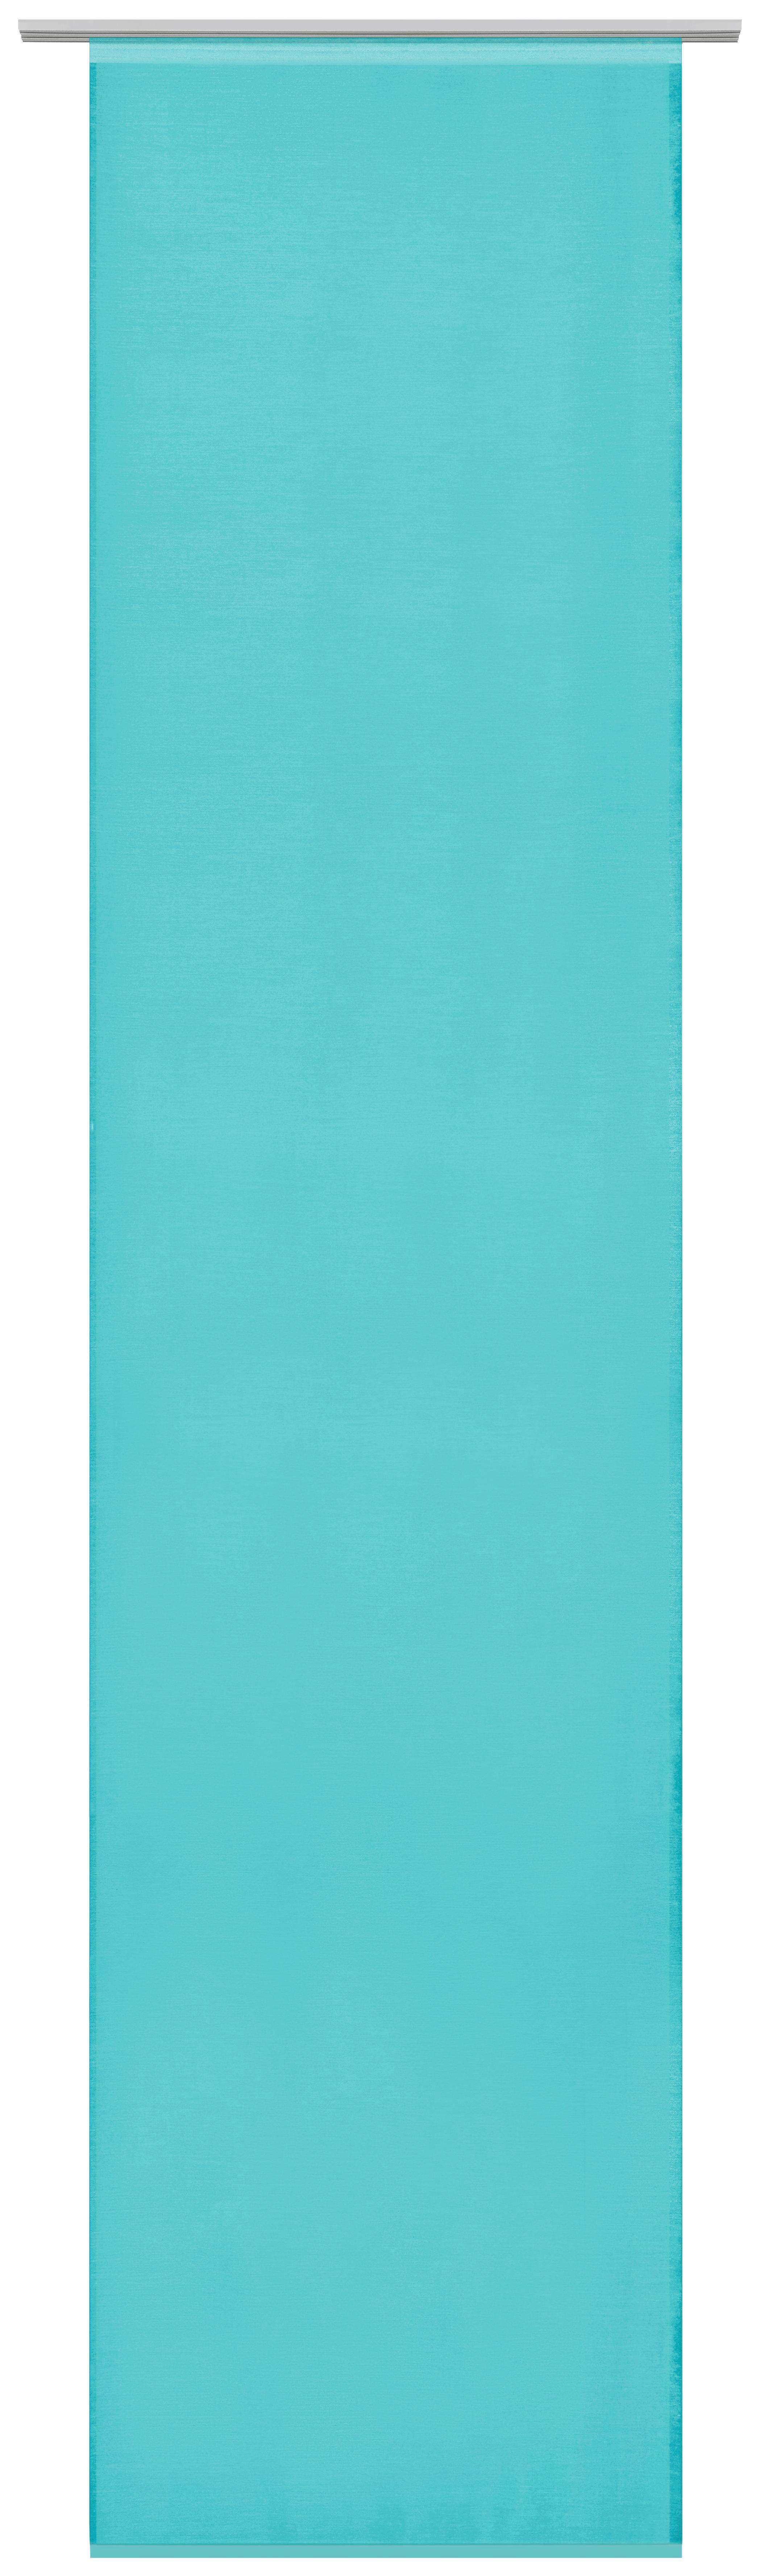 Lapfüggöny Uni - petrol, modern, textil (60/245cm) - MÖMAX modern living